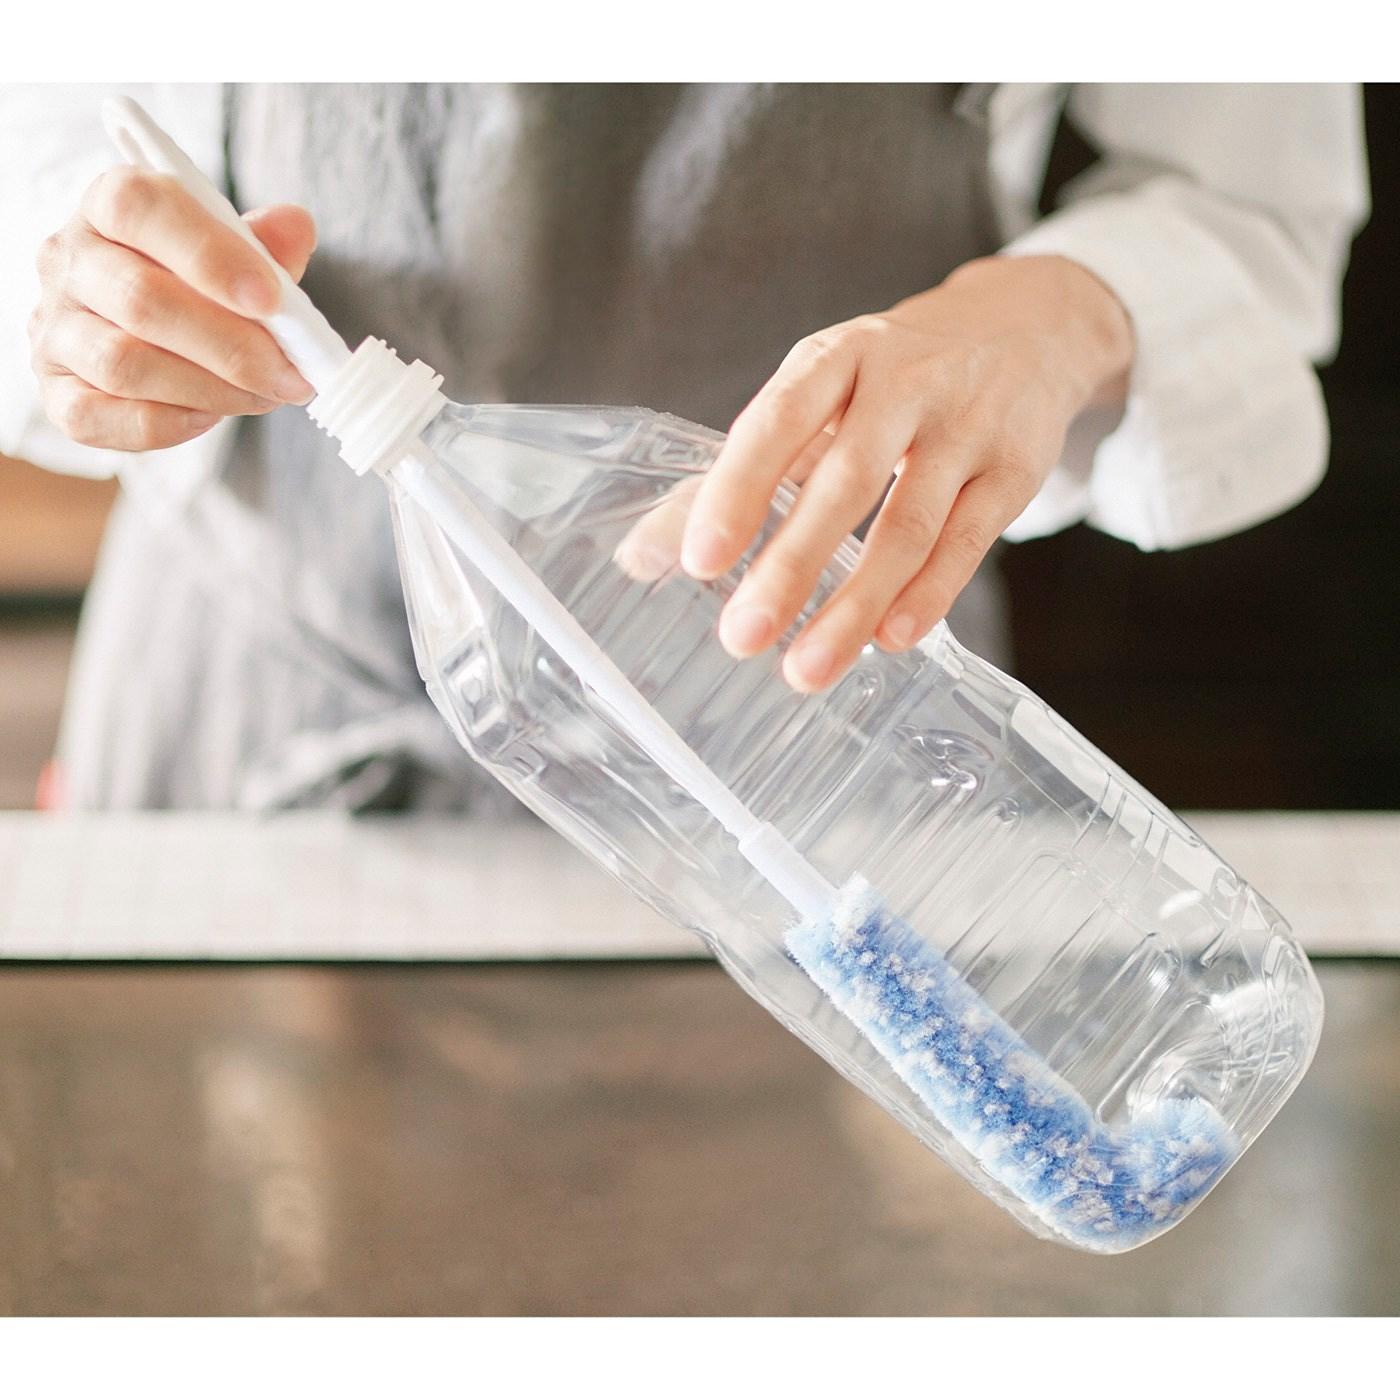 長いハンドルで2Lのペットボトルもらくに洗える